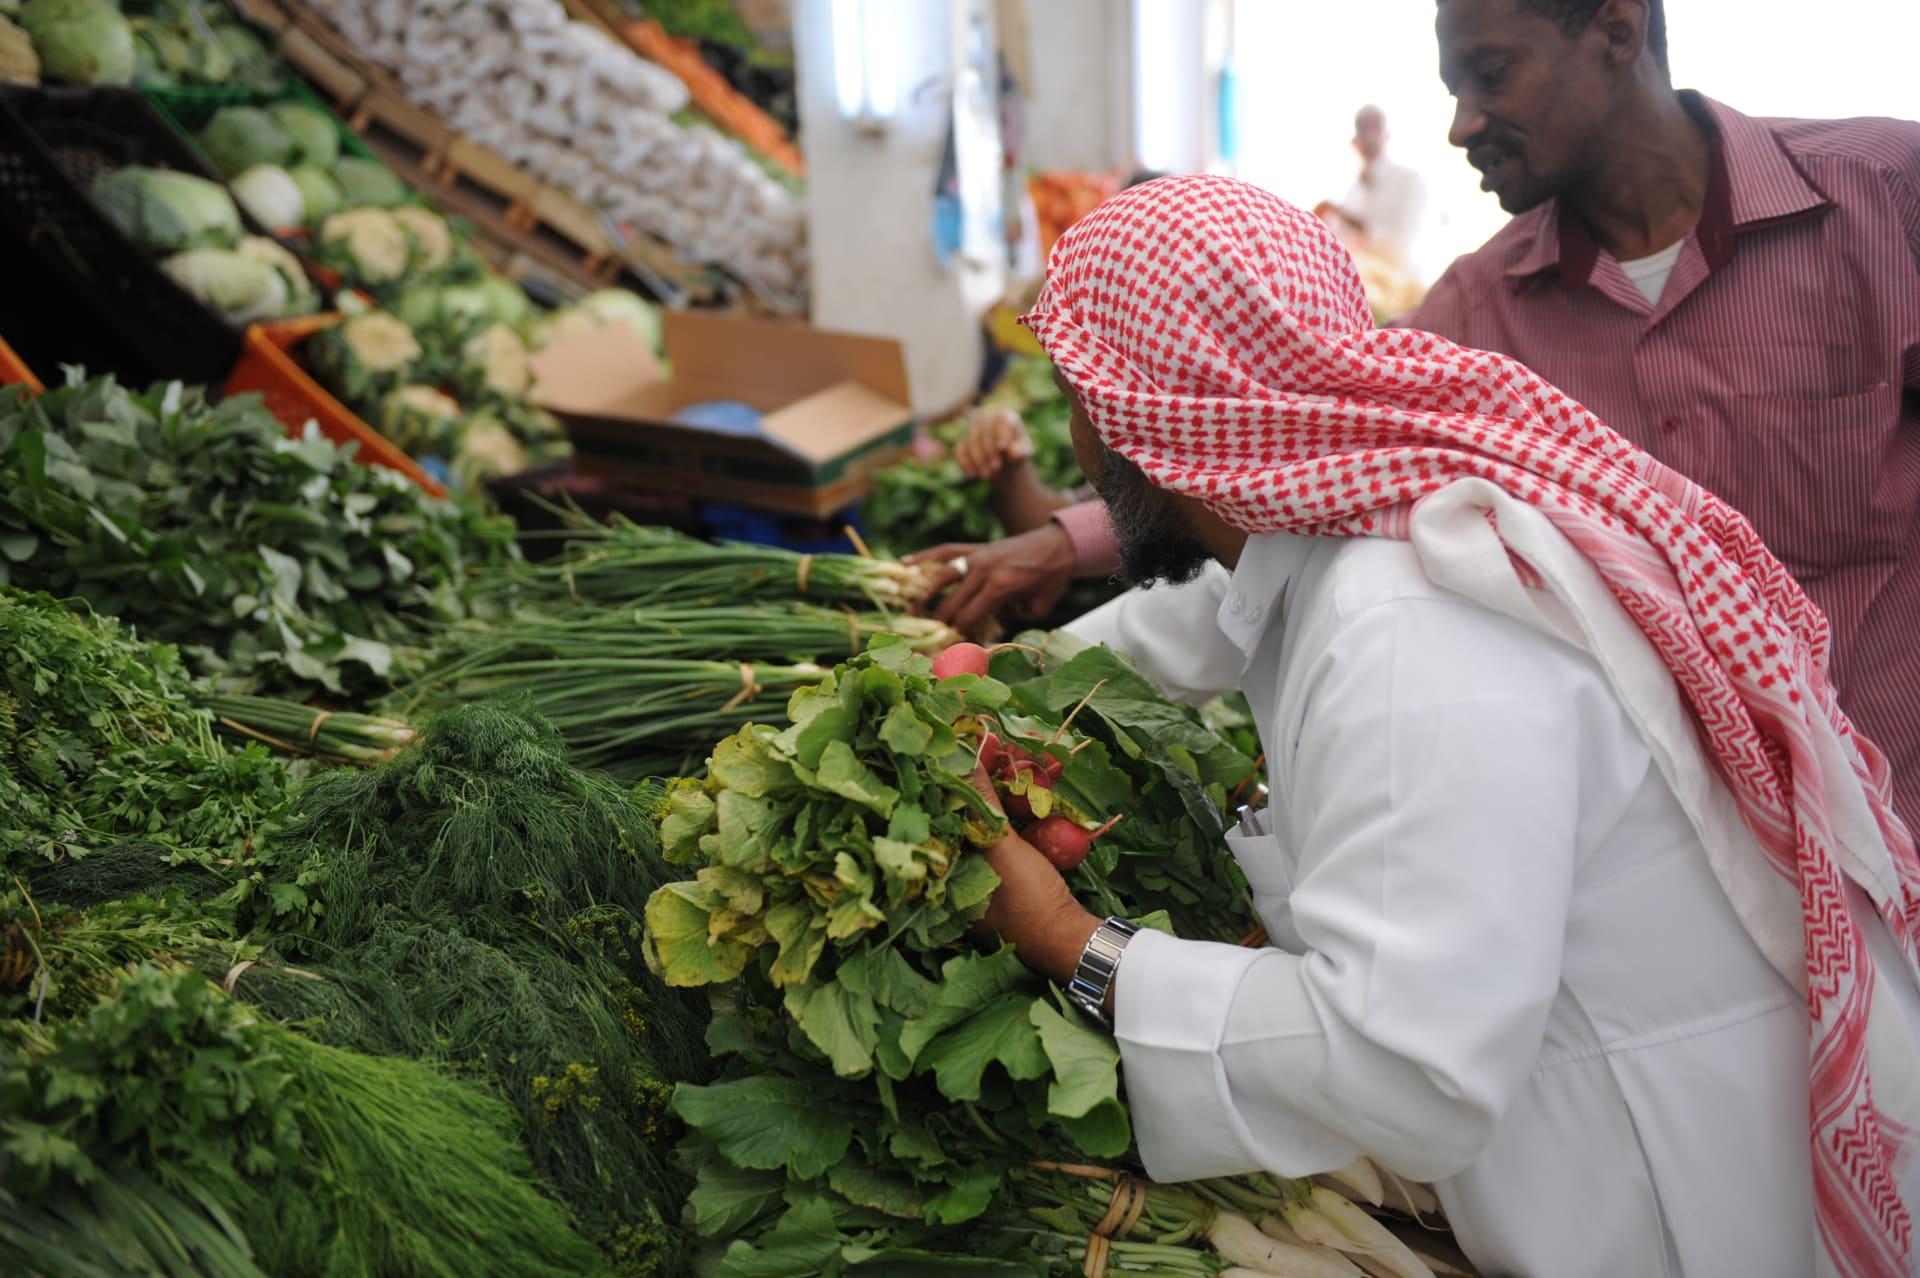 """في رد على تغريدة حول نقص المواد الغذائية.. أمير سعودي لحمد بن جاسم: """"خليك في البيت"""""""